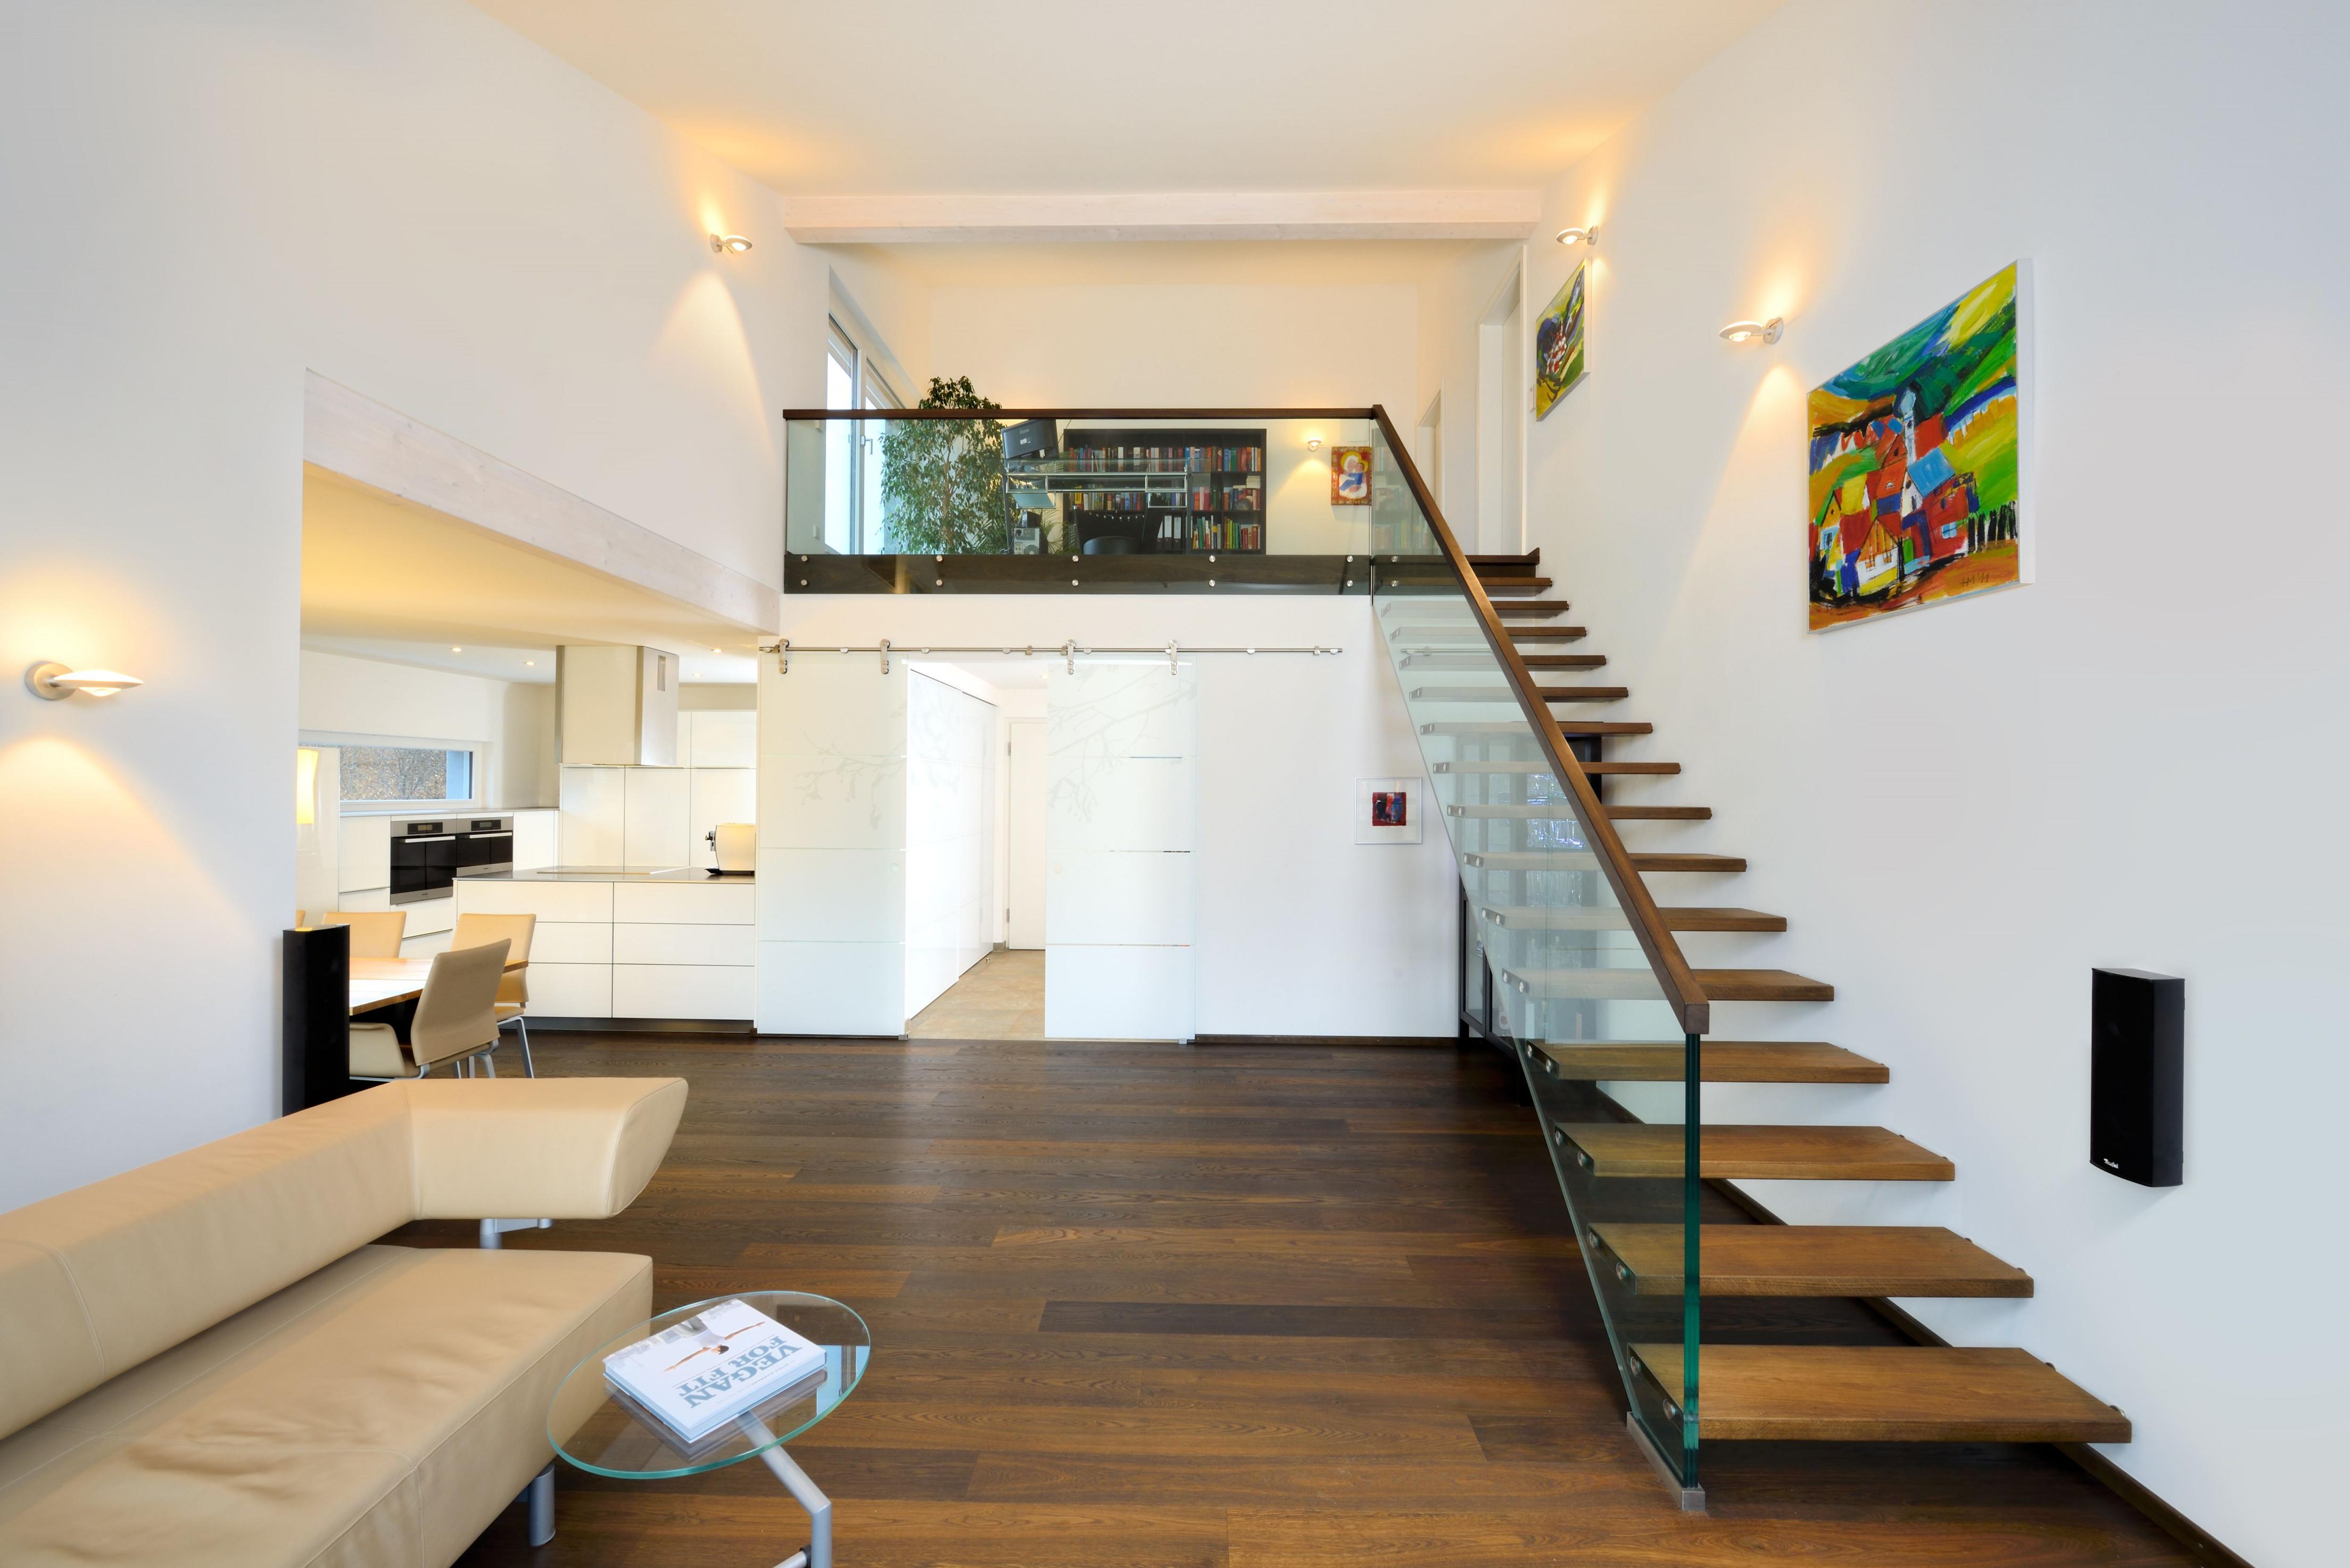 Wohnzimmer Mit Treppe Einrichten  Home Home Decor House von Wohnzimmer Mit Treppe Einrichten Photo